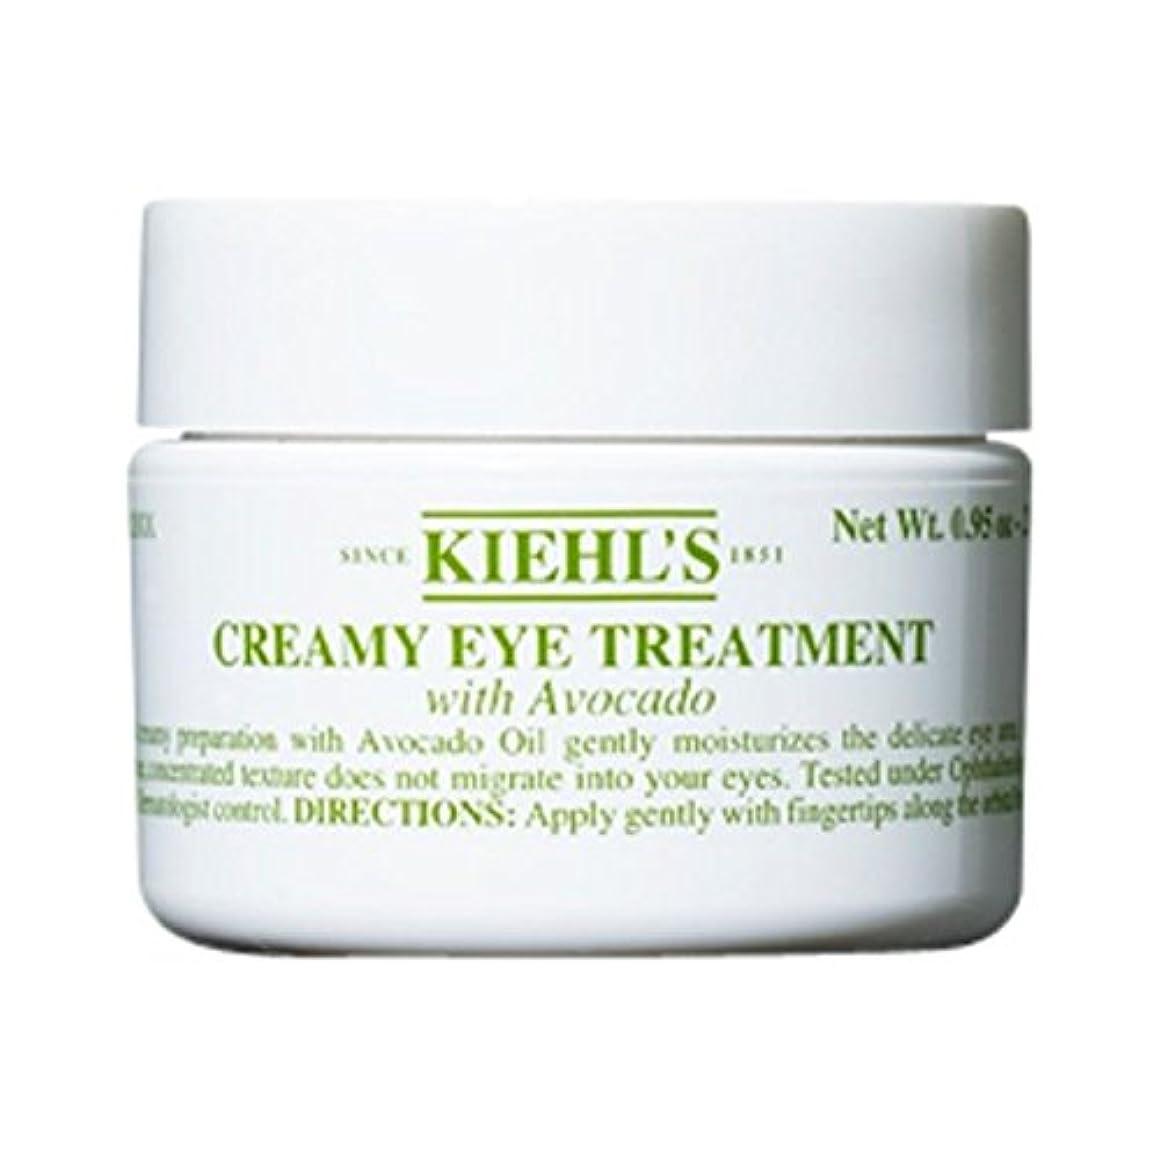 潜む未使用締める[Kiehl's] アボカドの28グラムとキールズクリーミーアイトリートメント - Kiehl's Creamy Eye Treatment With Avocado 28g [並行輸入品]